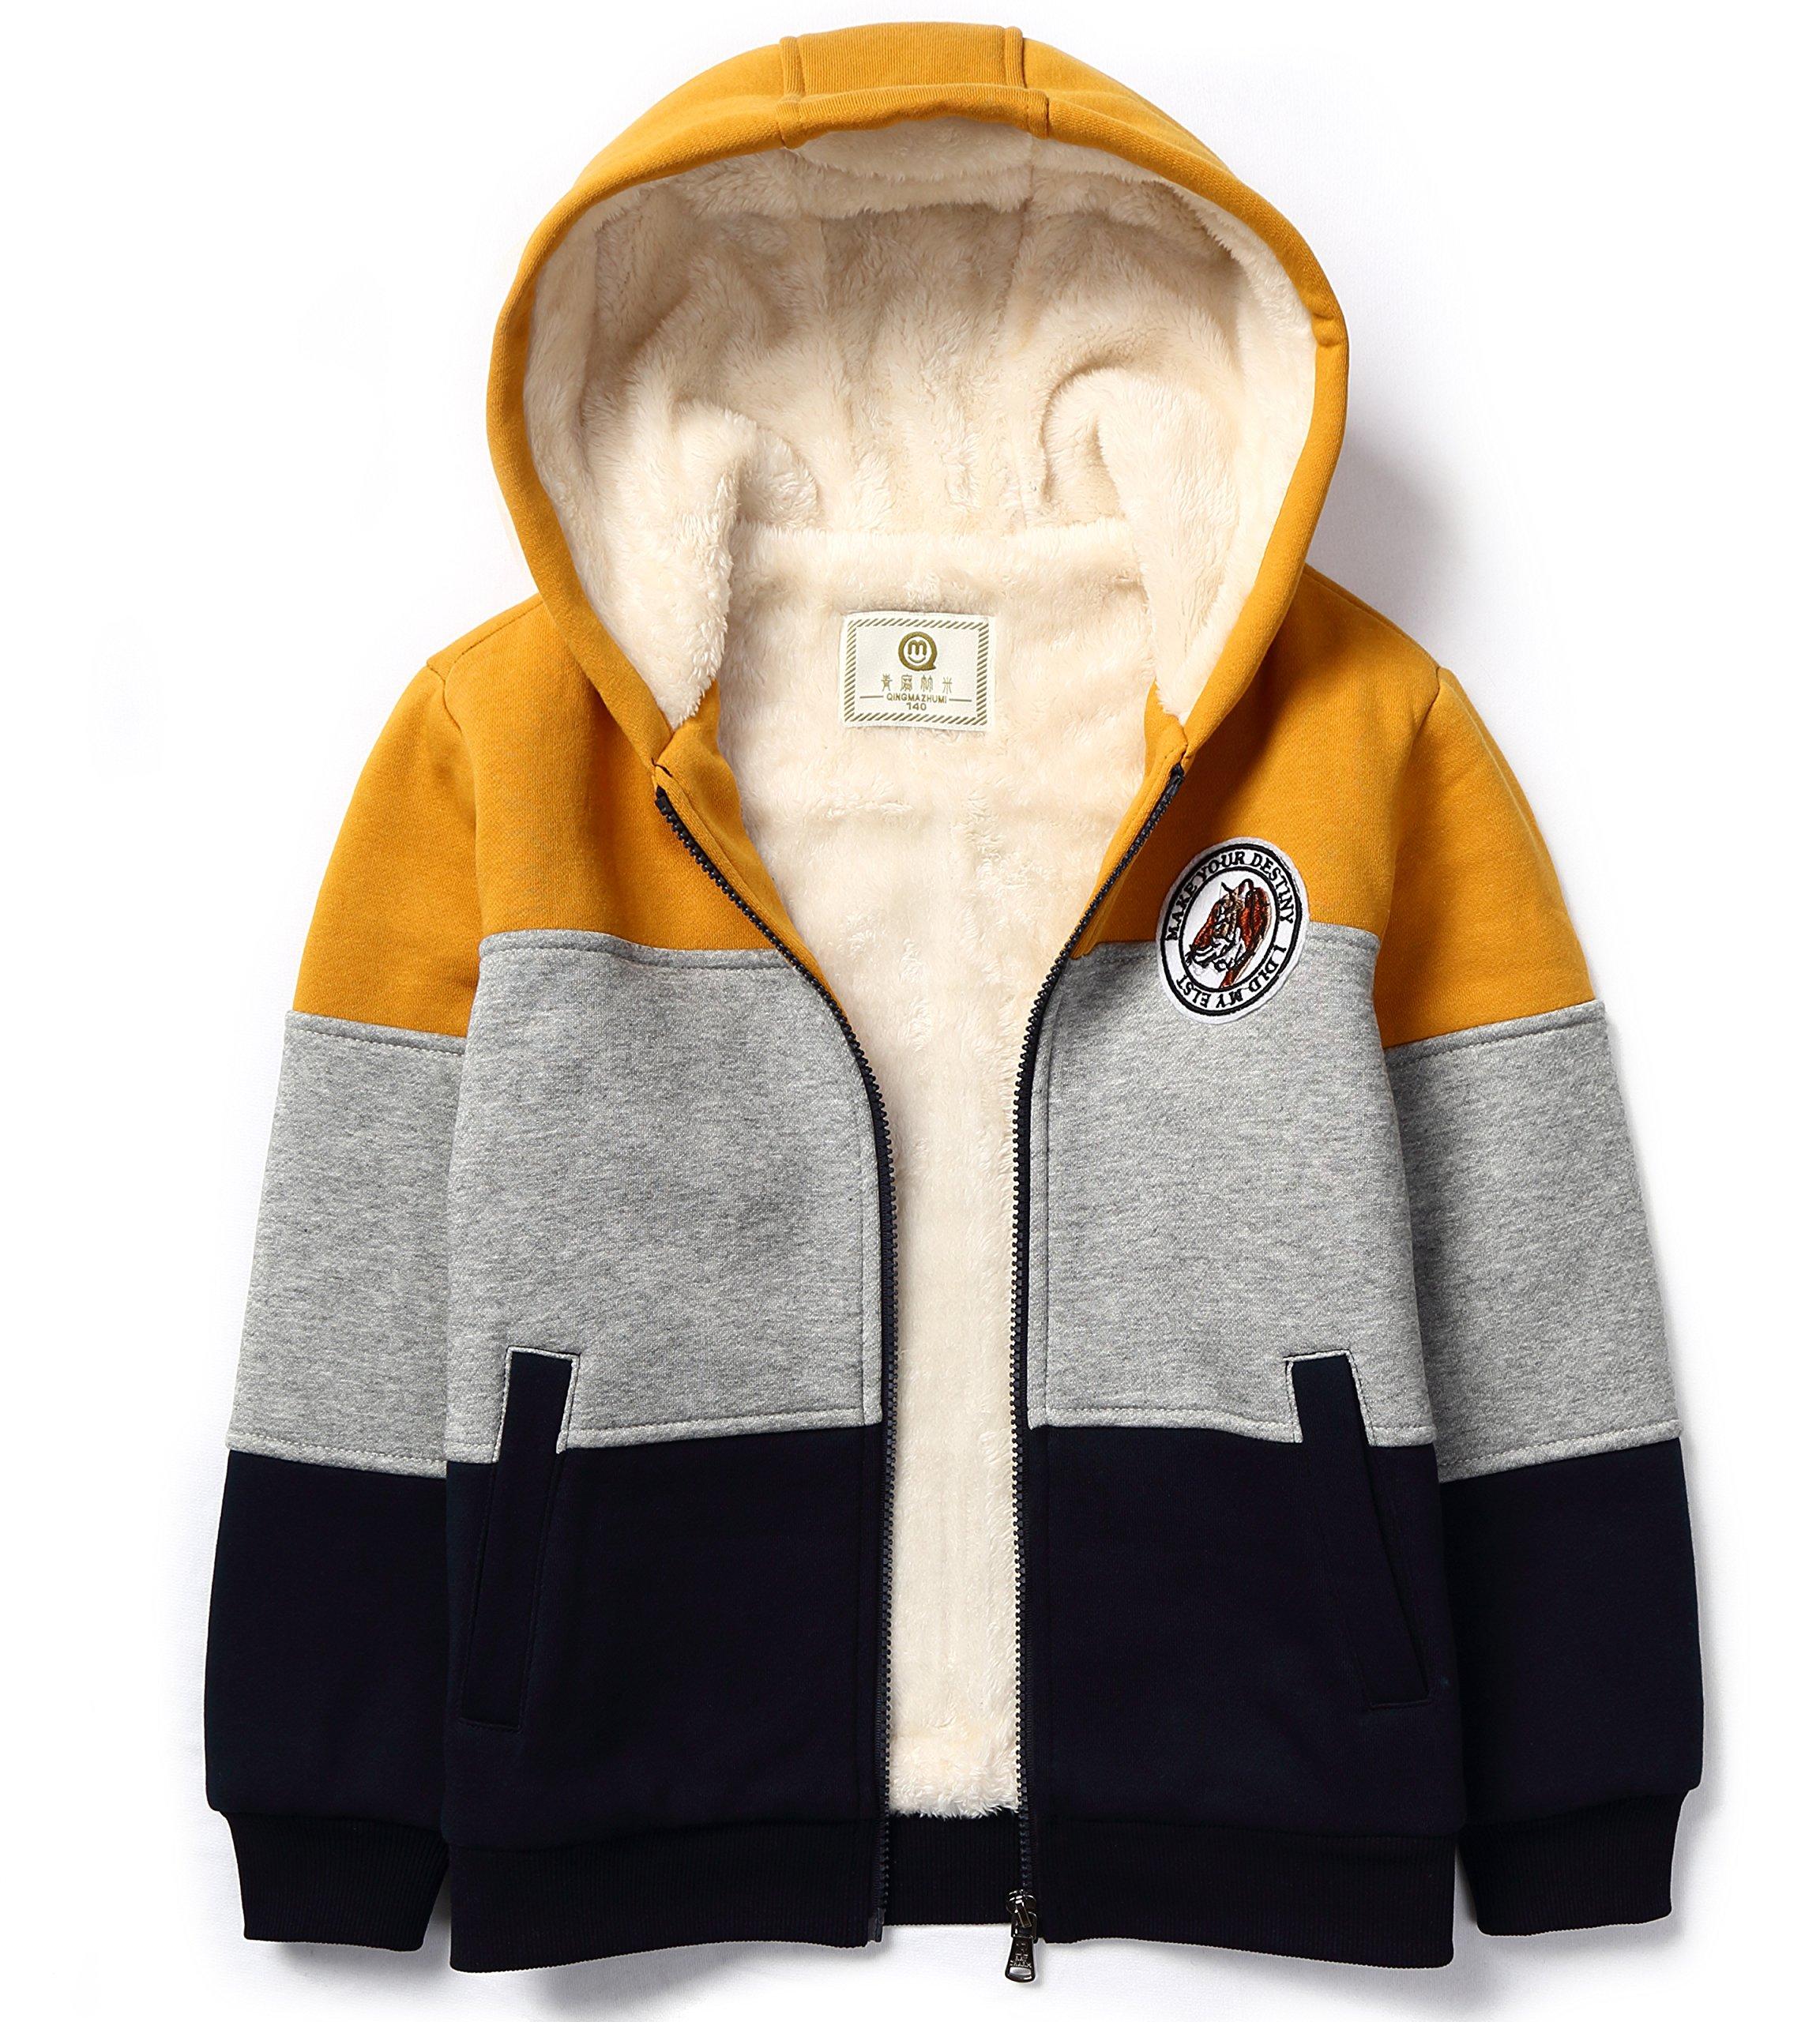 Bumeex Boys Sherpa Fleece Lined Jacket Warm Sweatshirt Hoodie(3-10years 5-6years(120), Dark Yellow